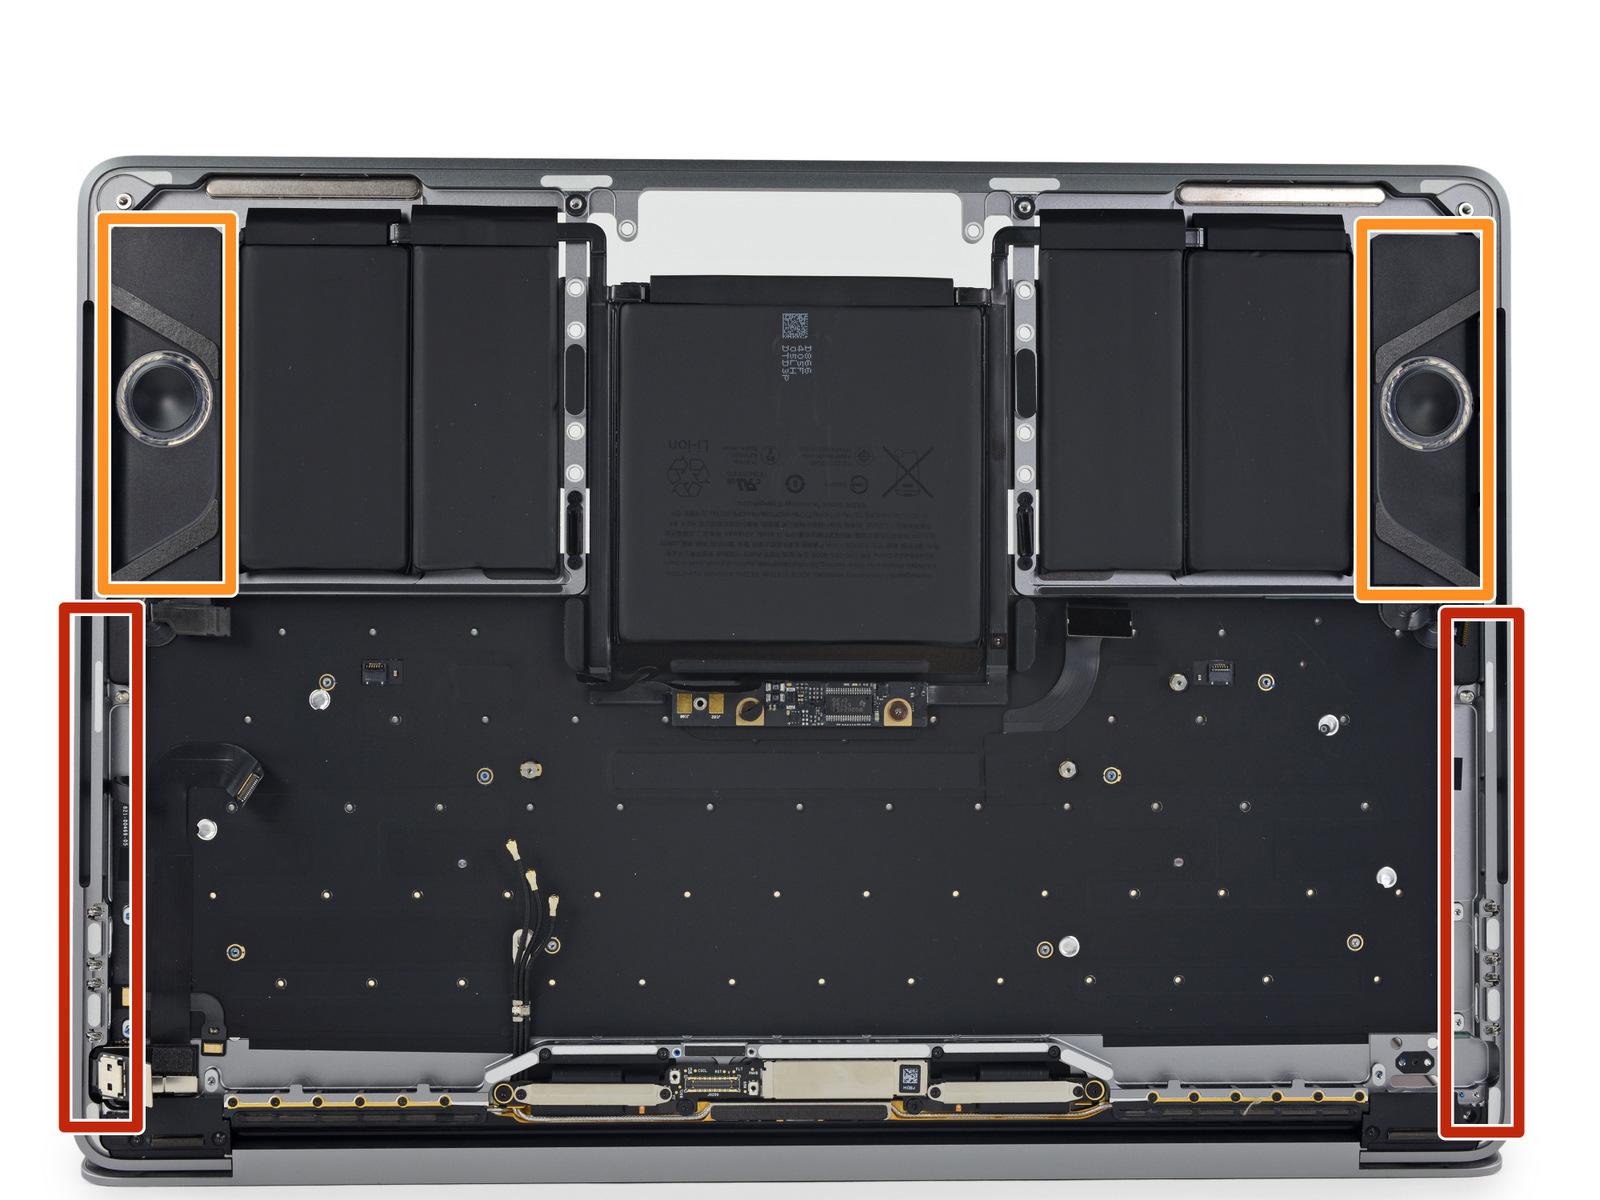 出乎意料:新款 13 吋 MacBook Pro 有 Touch Bar 版銷量較好